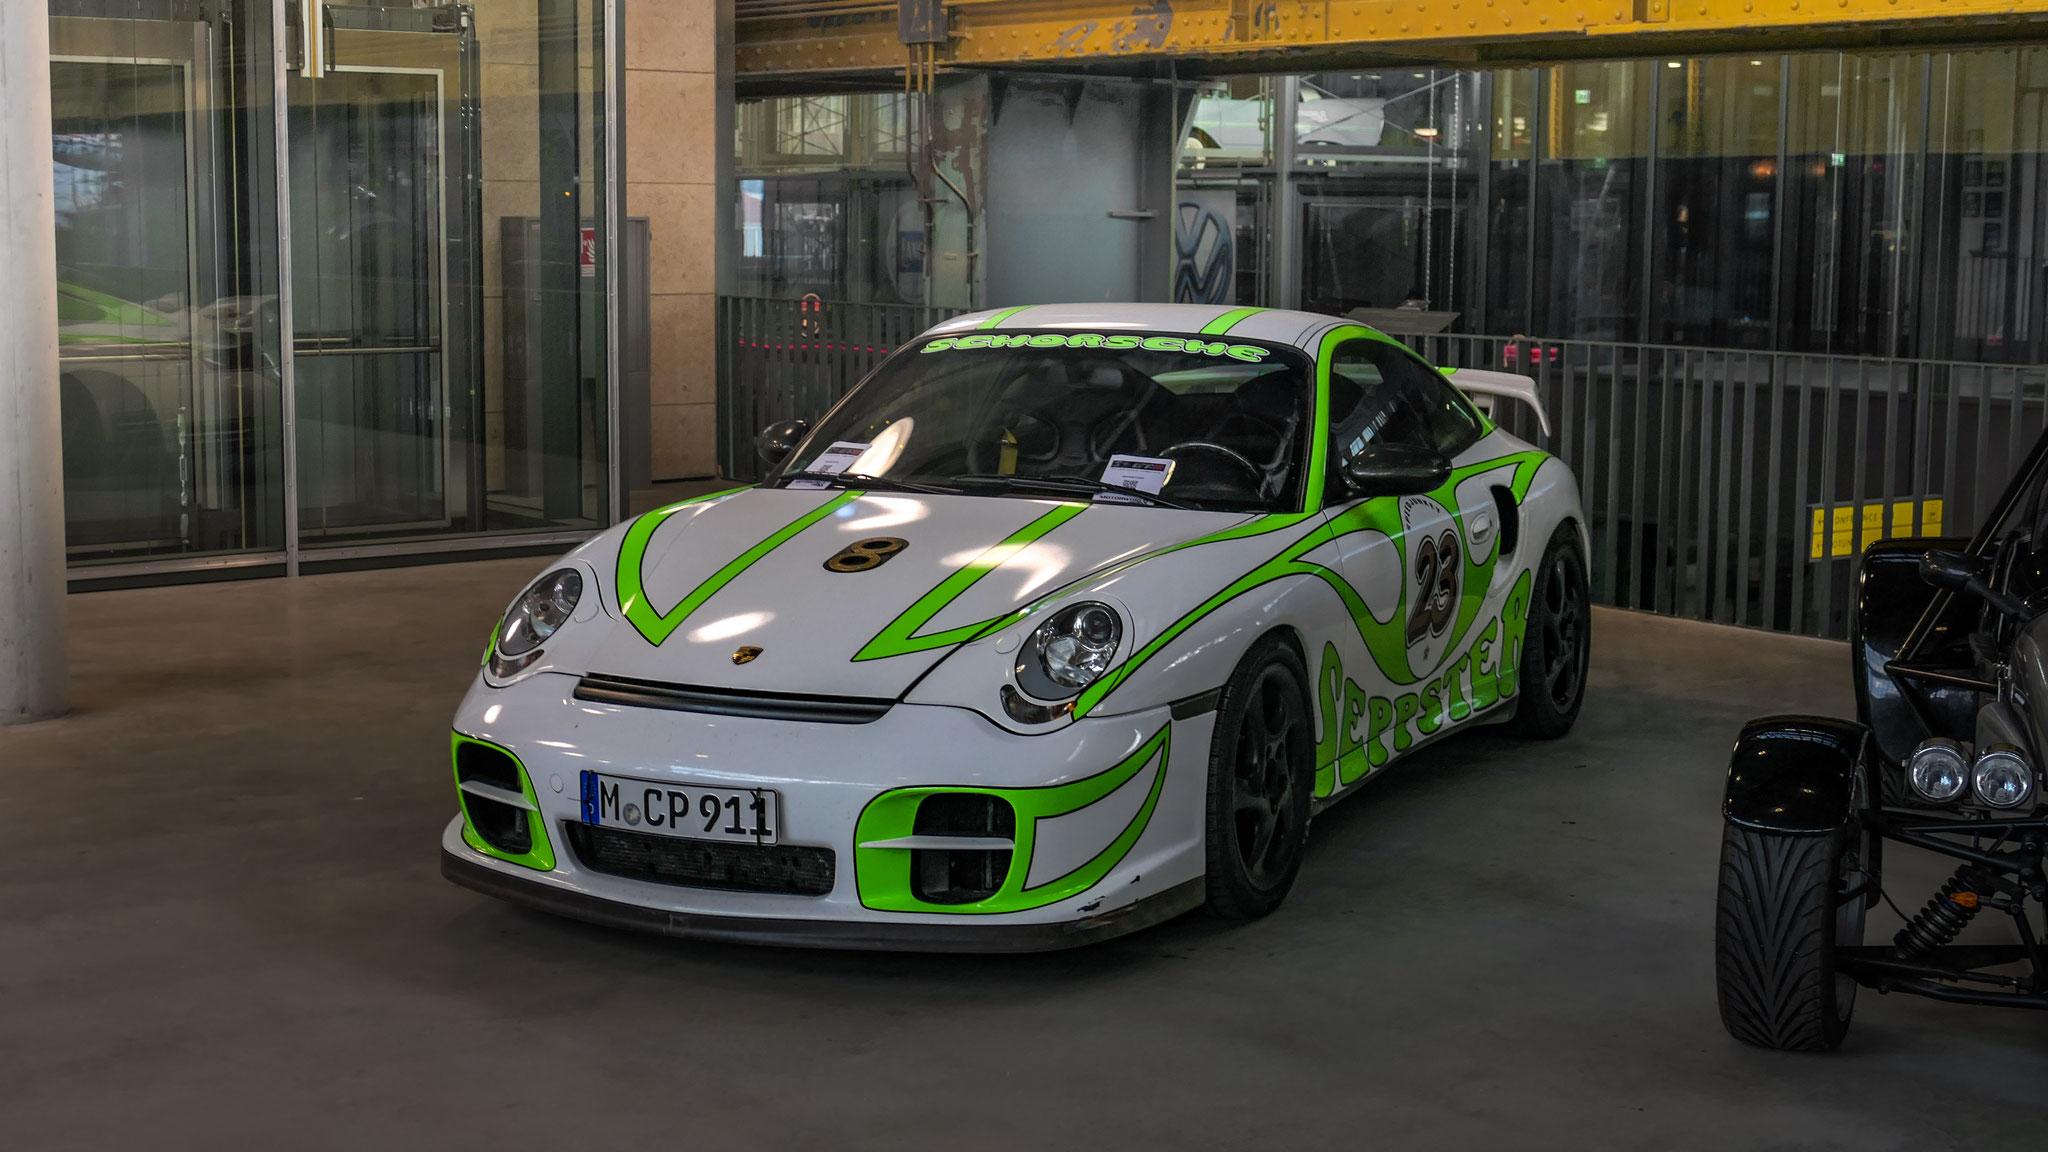 Porsche 996 GT2 - M-CP-911